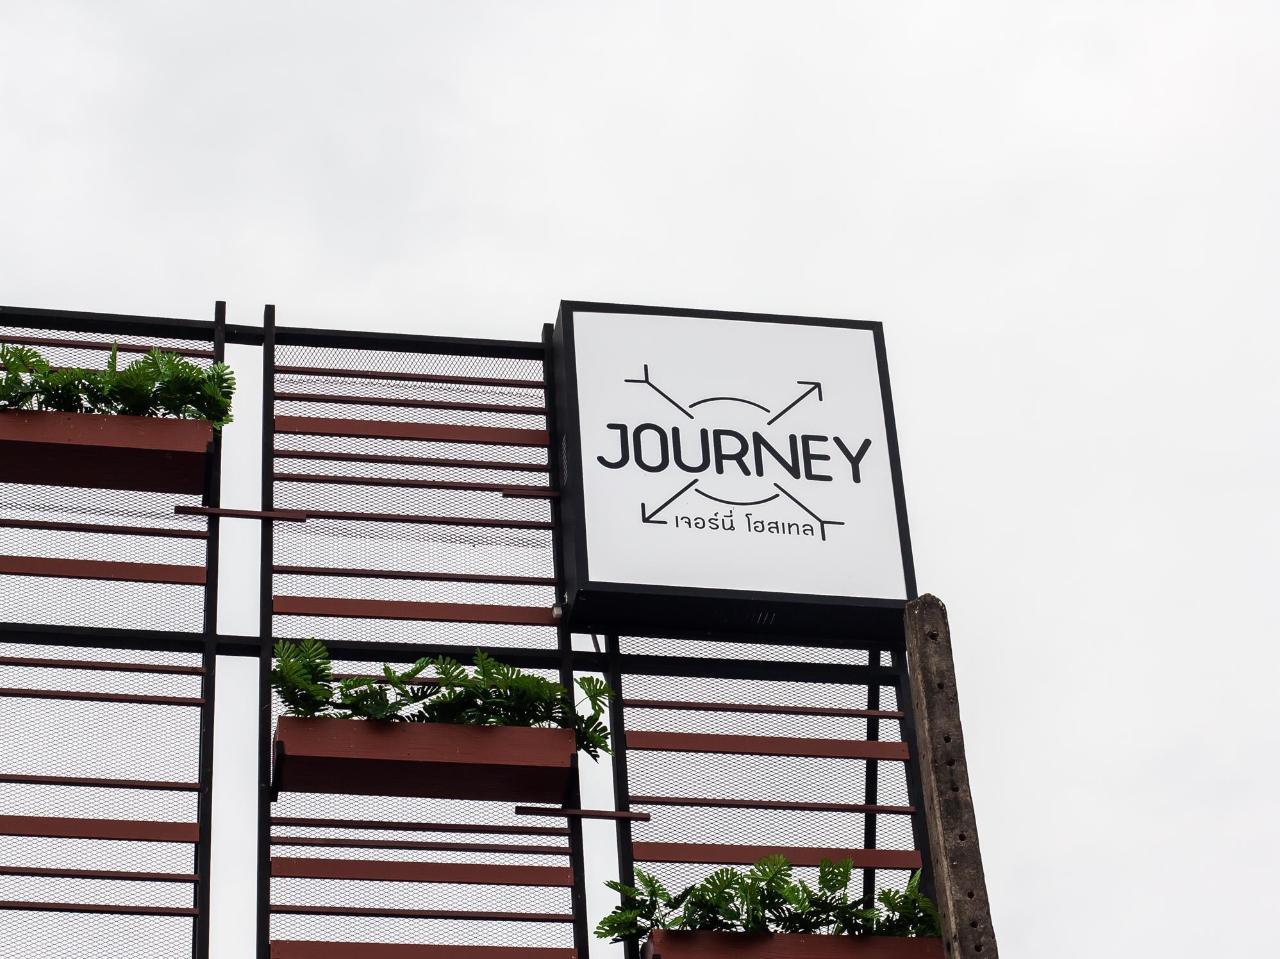 เจอร์นีย์ โฮสเทล สุราษฎร์ (Journey Hostel Surat)